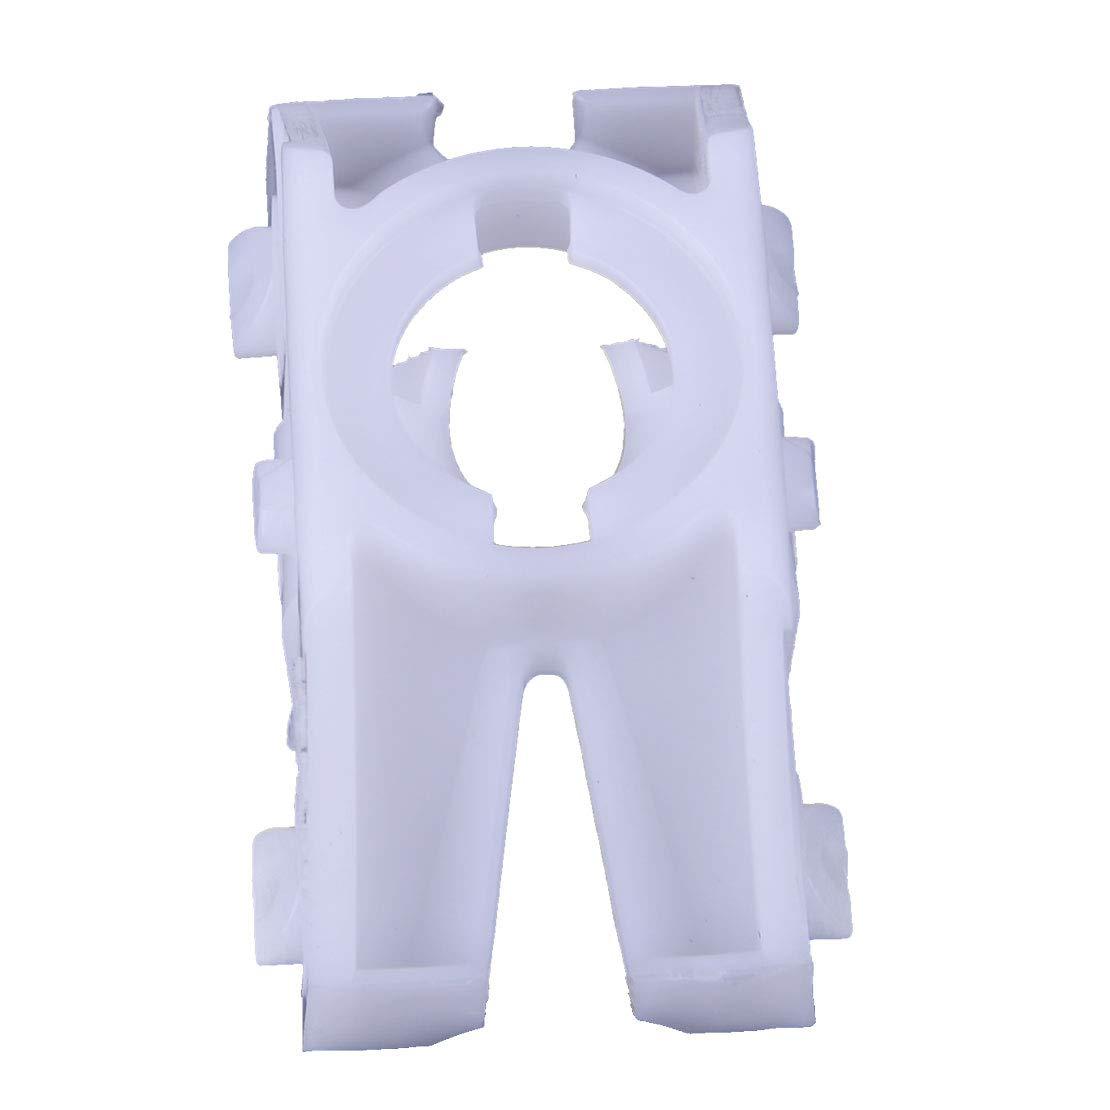 beler Car Brake Pedal Booster Clip Mount Support Bracket 1J0721169A fit for VW Vehicles